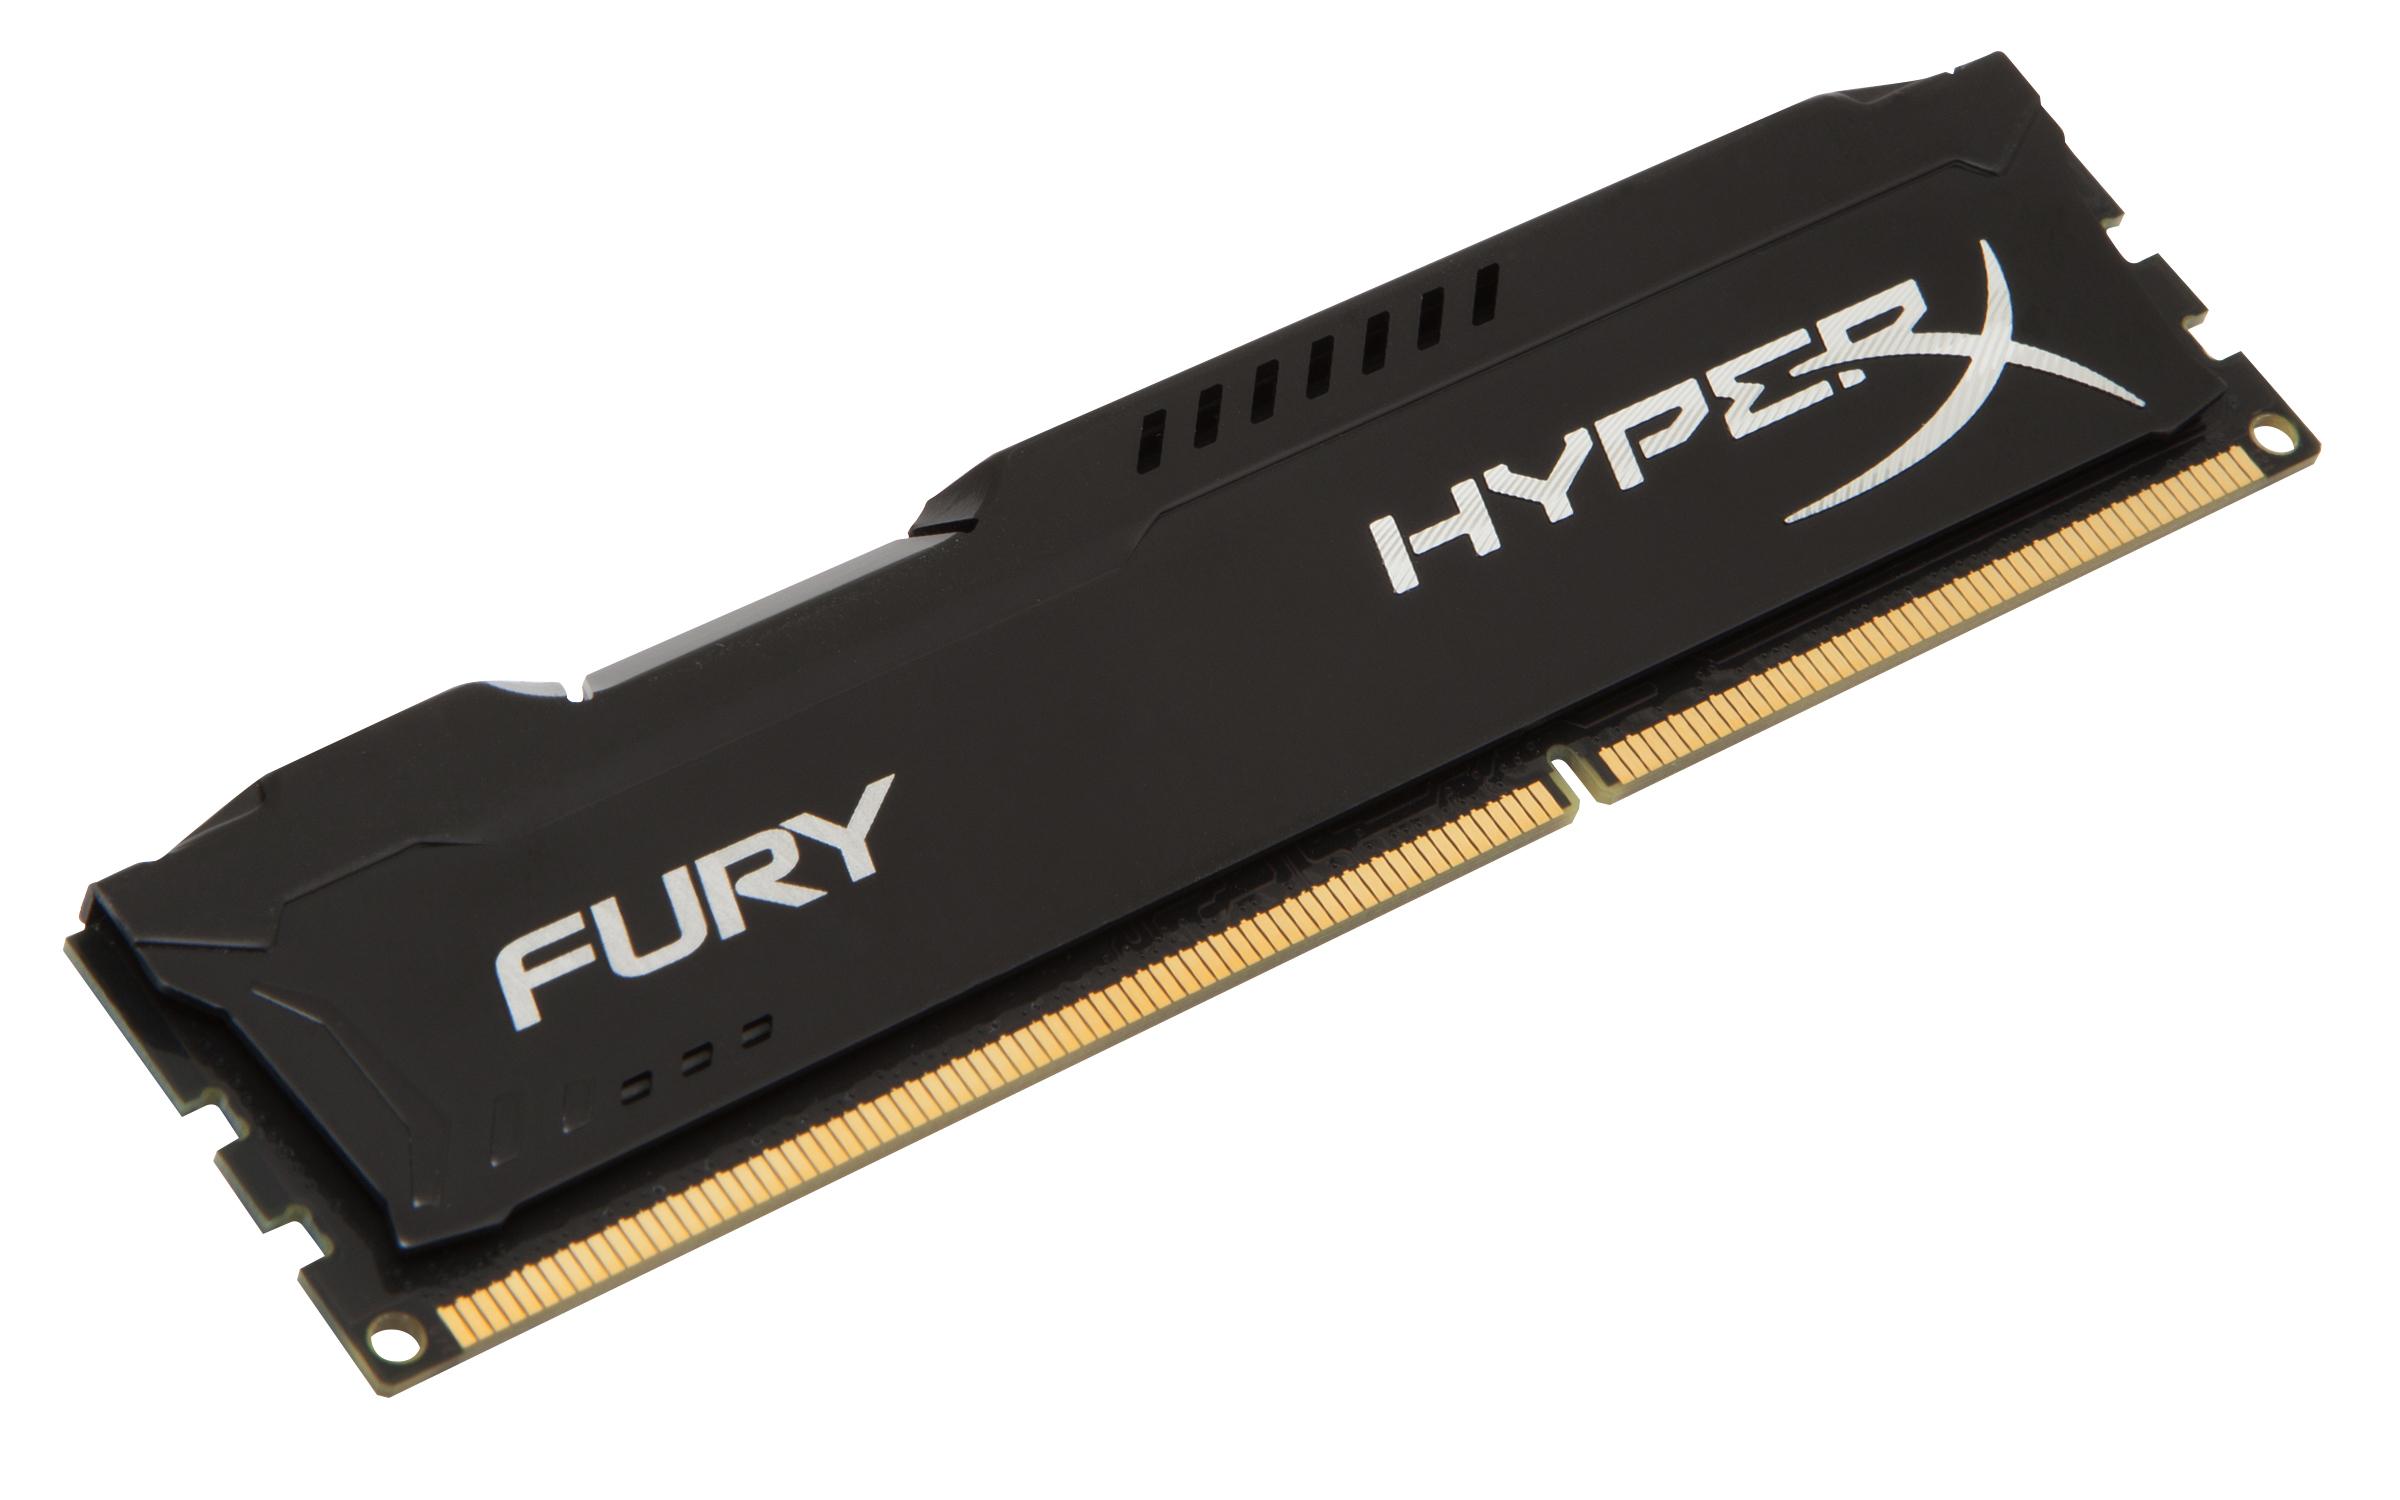 HyperX FURY Black 4GB 1600MHz DDR3 4GB DDR3 1600MHz memory module